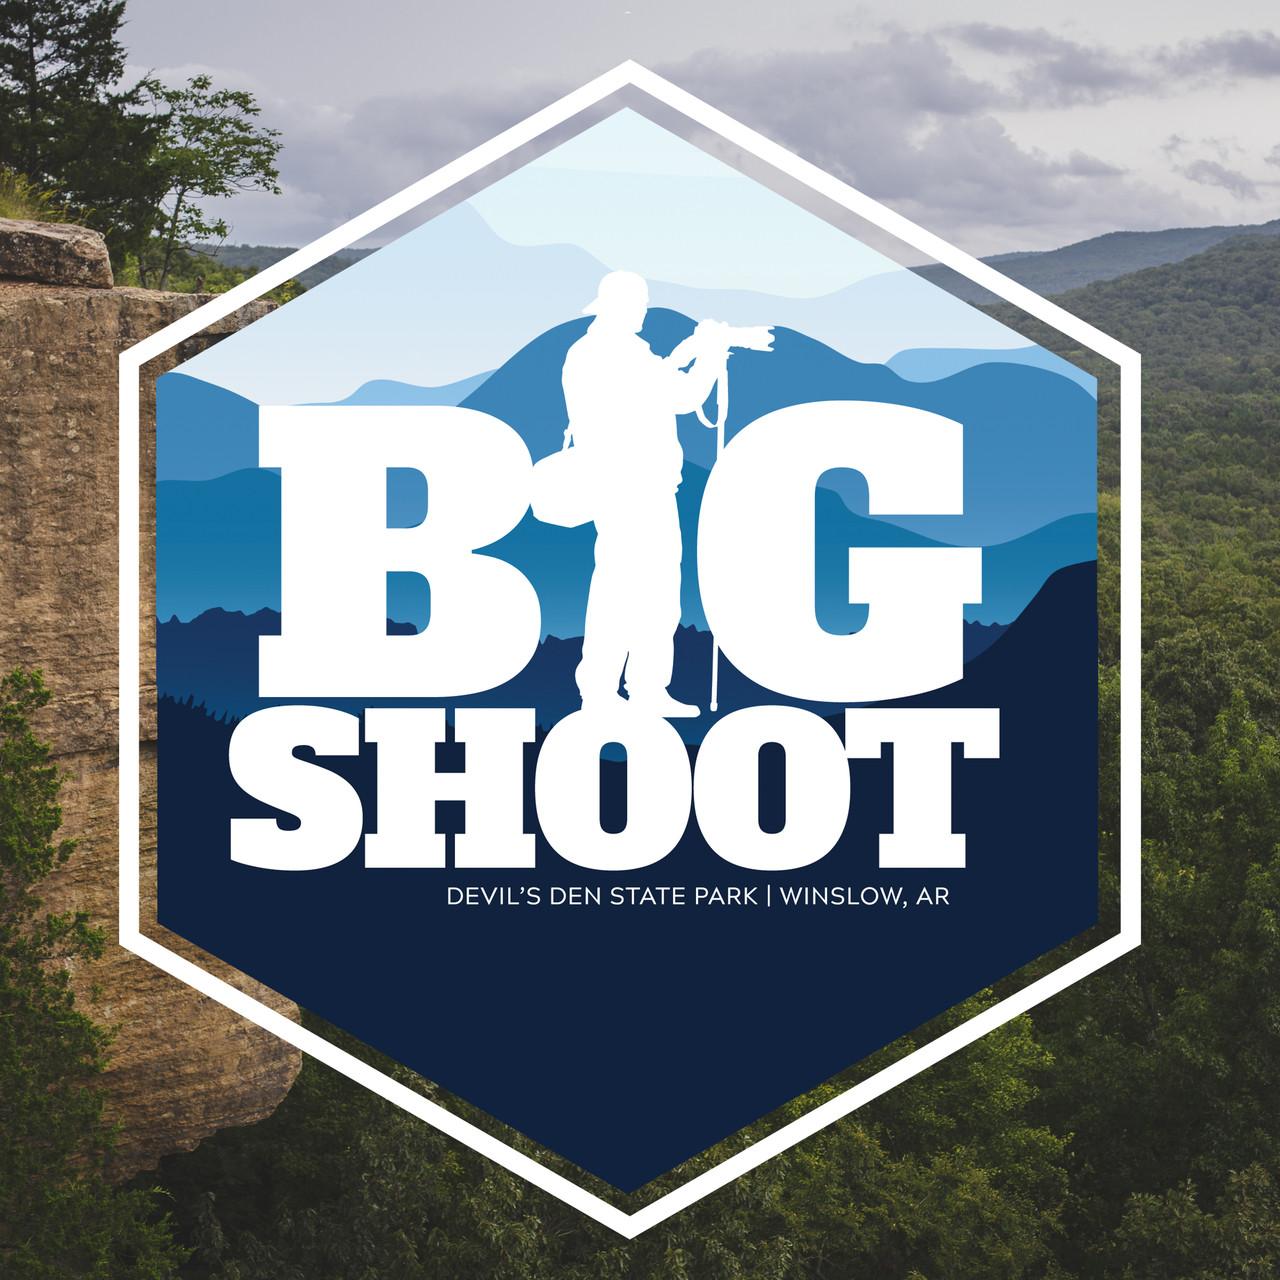 Big Shoot 2019 | Bedfords com